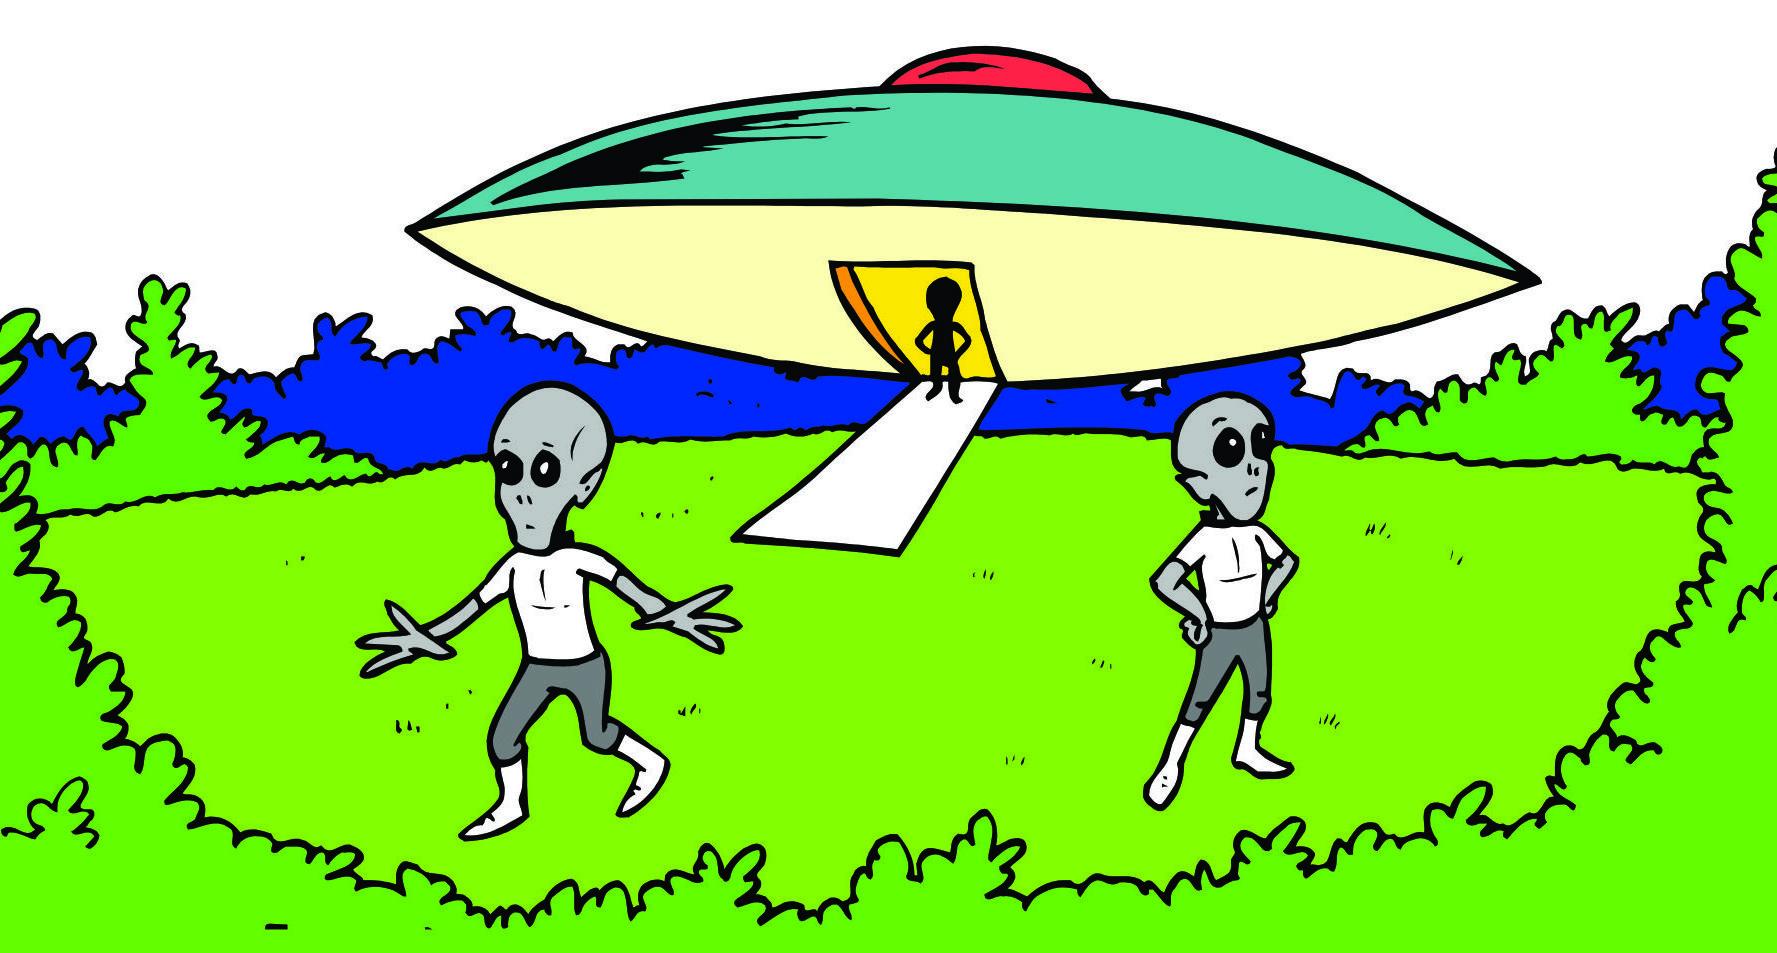 1777x953 Cartoon Alien Spaceship Clipart